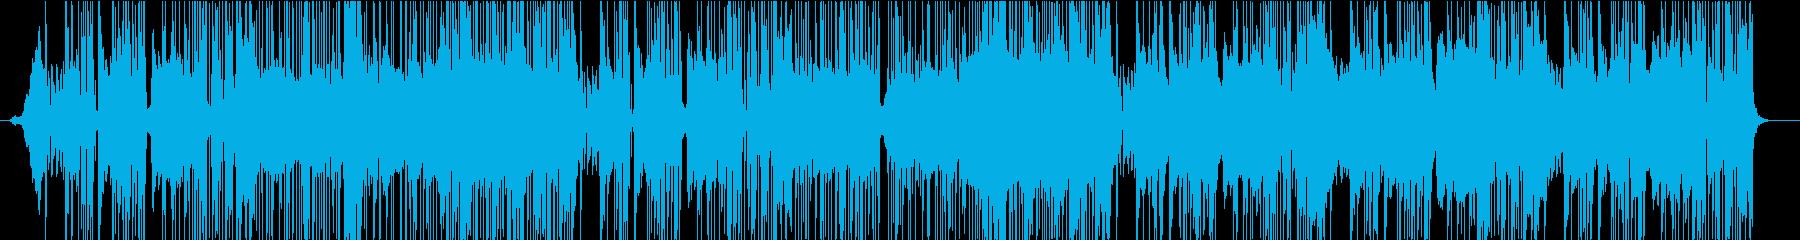 低音が効いたソウルフルなギターインストの再生済みの波形